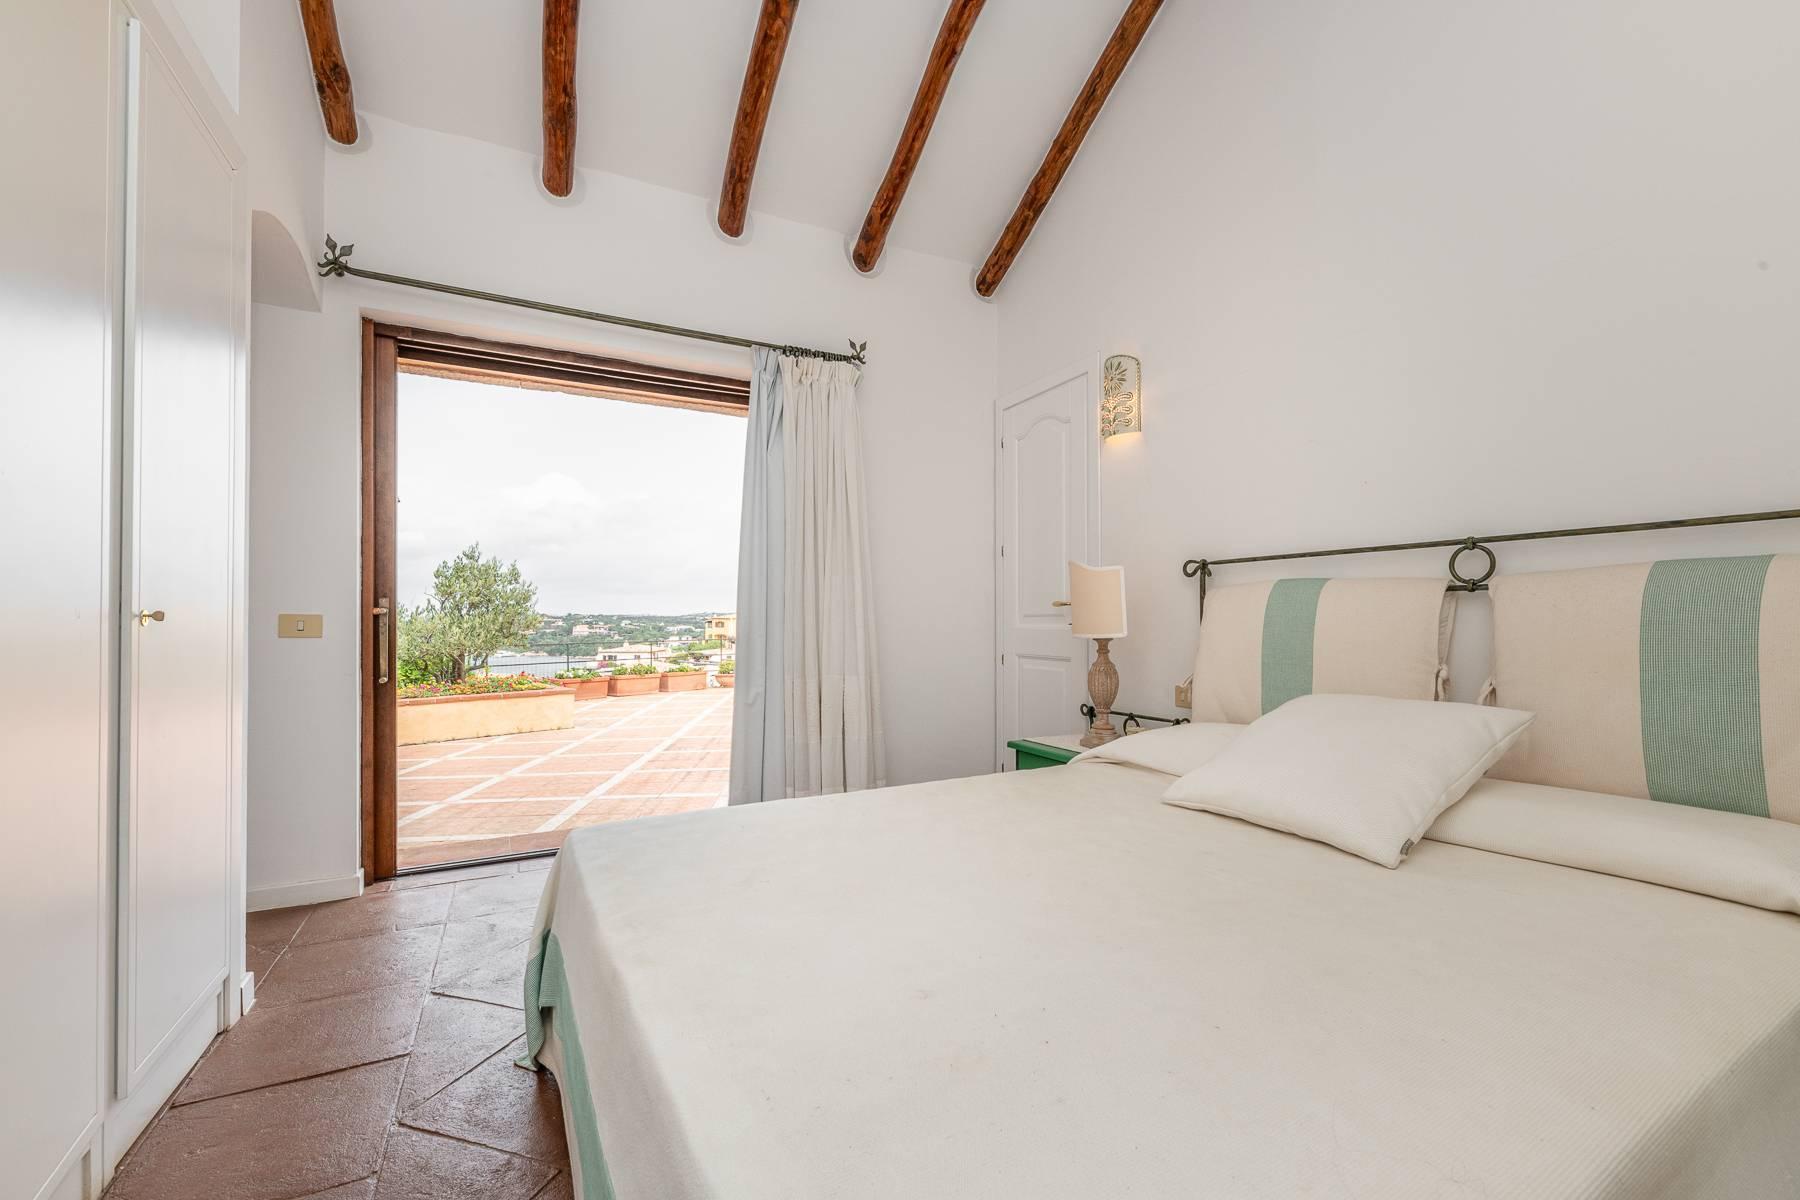 Importante villa indipendente con un impareggiabile panorama, nel cuore di Porto Cervo. - 16